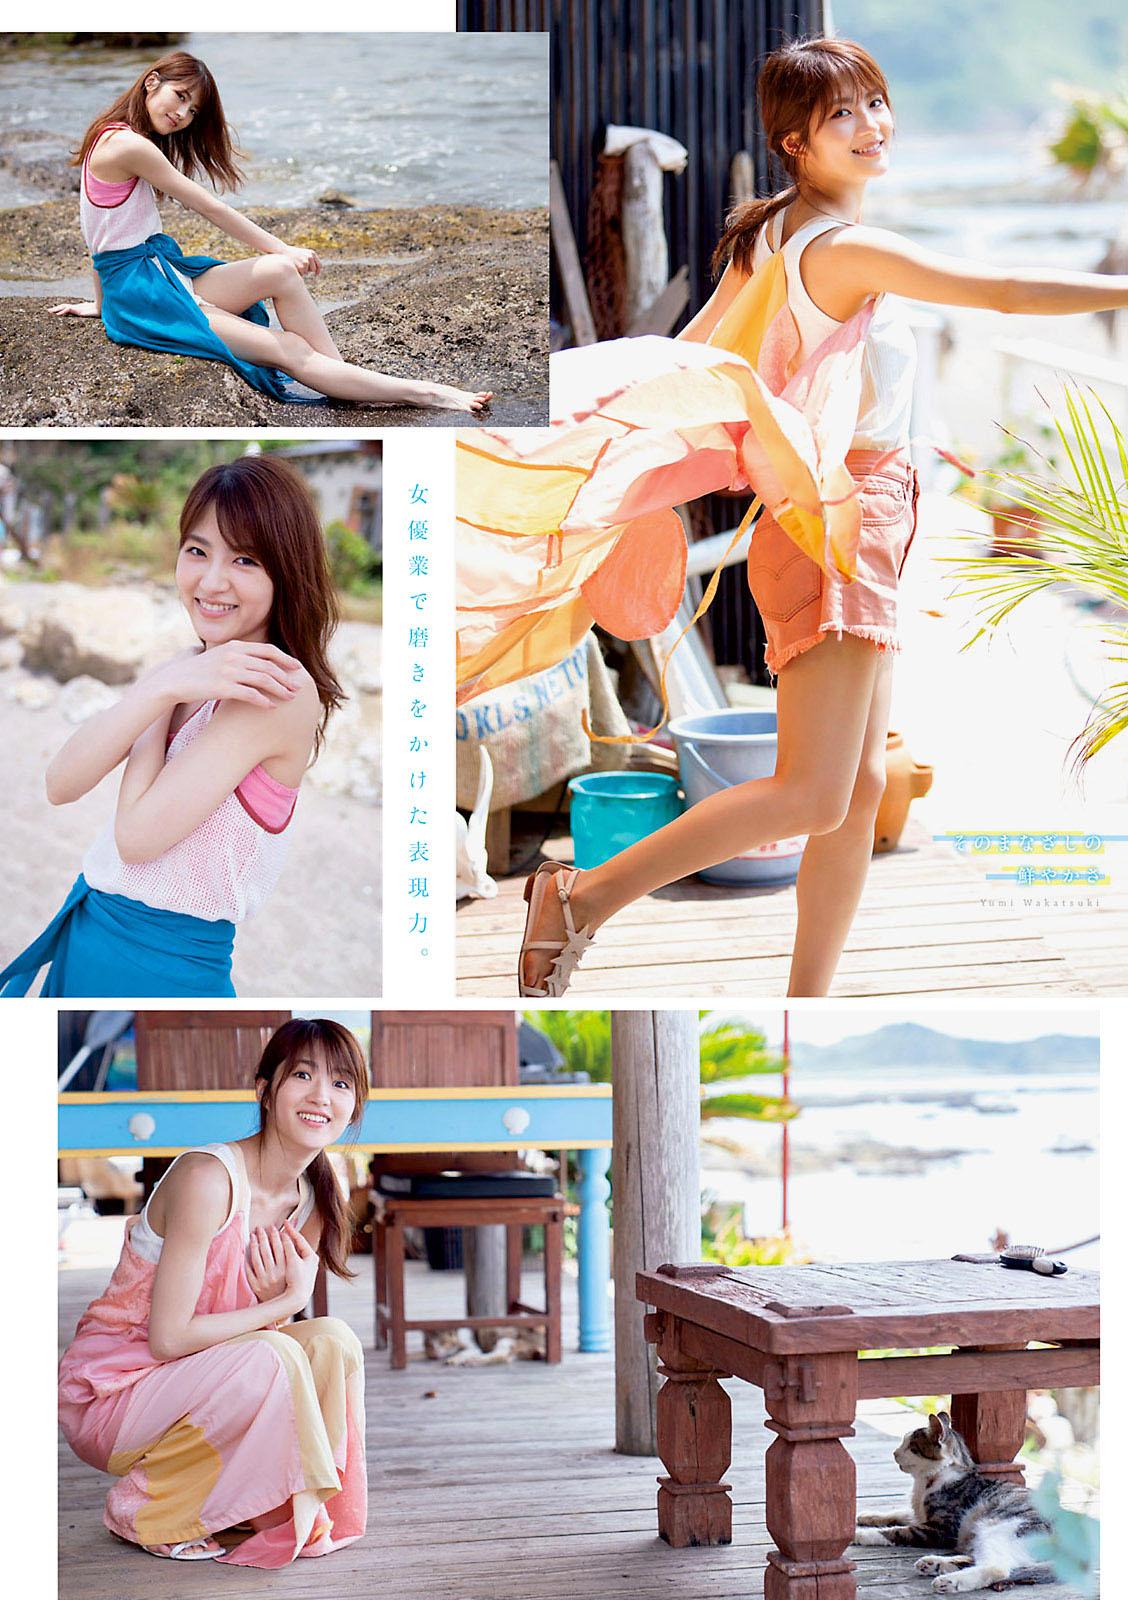 YWakatsuki Young Magazine 200727 03.jpg